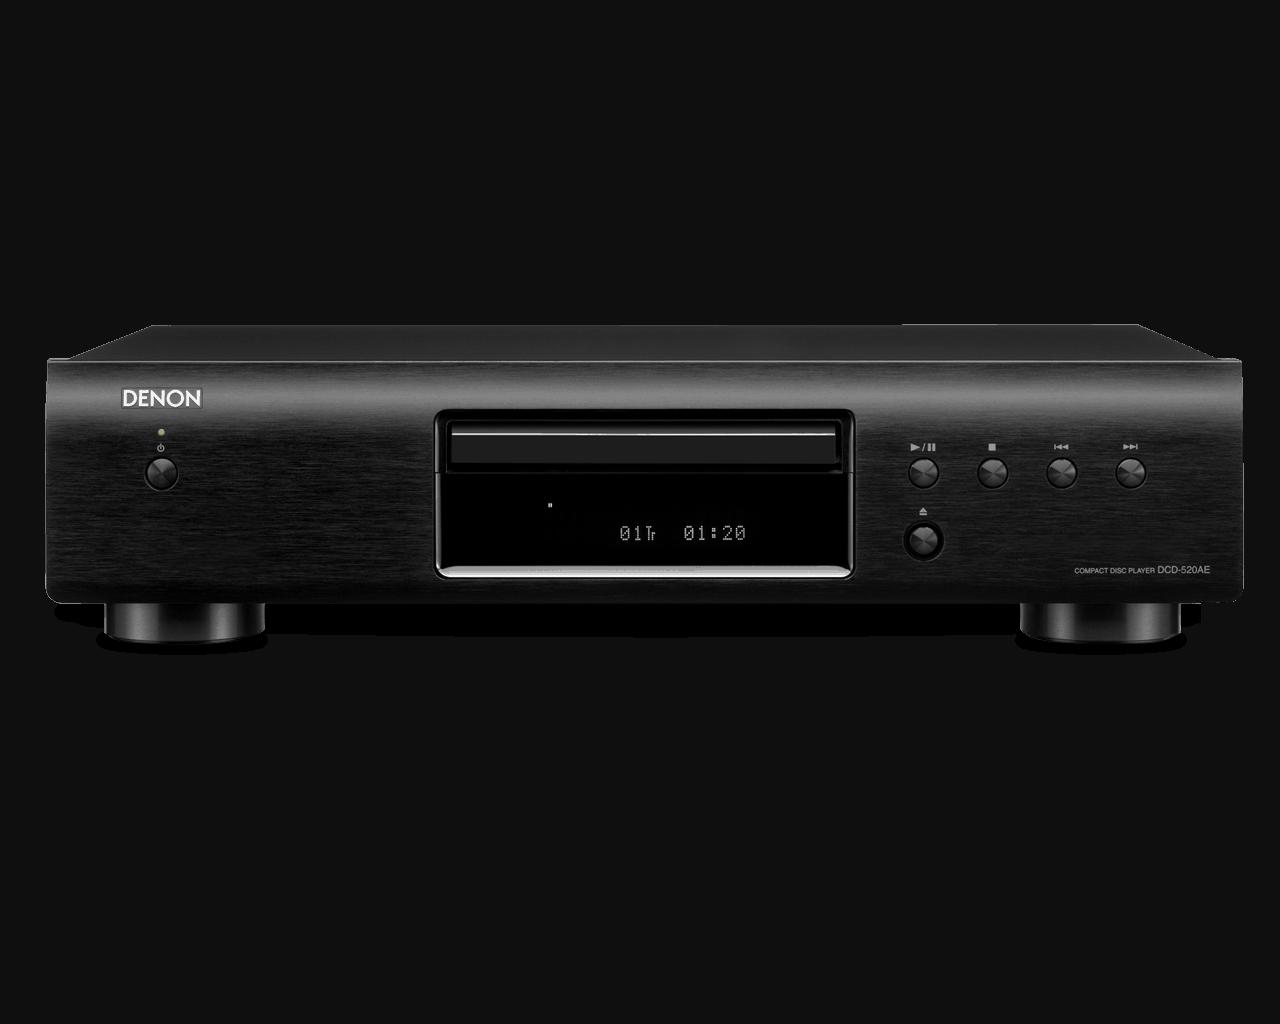 DCD-520AE schwarz front